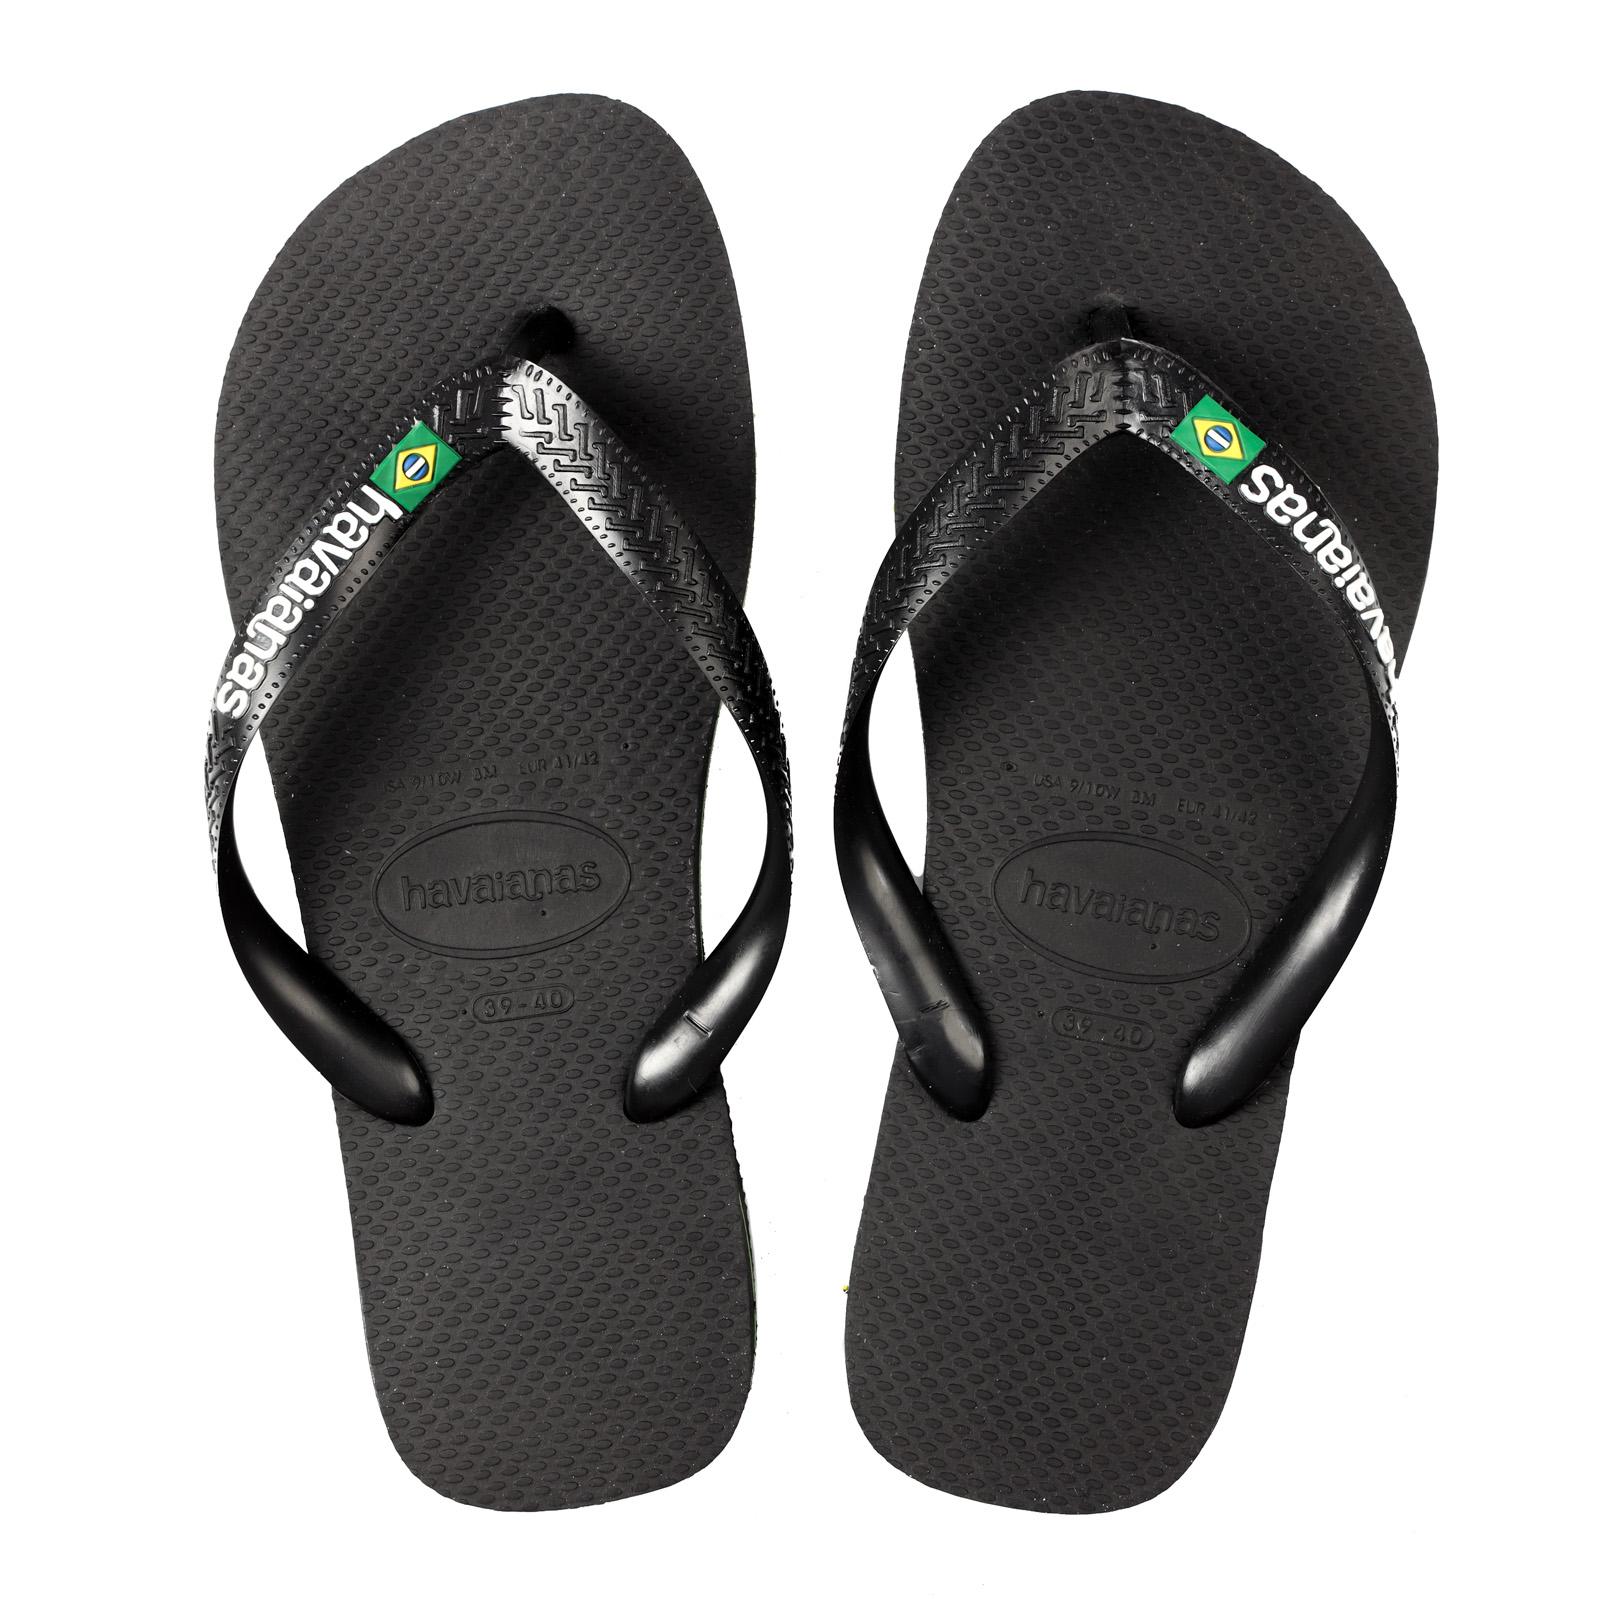 HAVAIANAS   Flip flops   41108501069